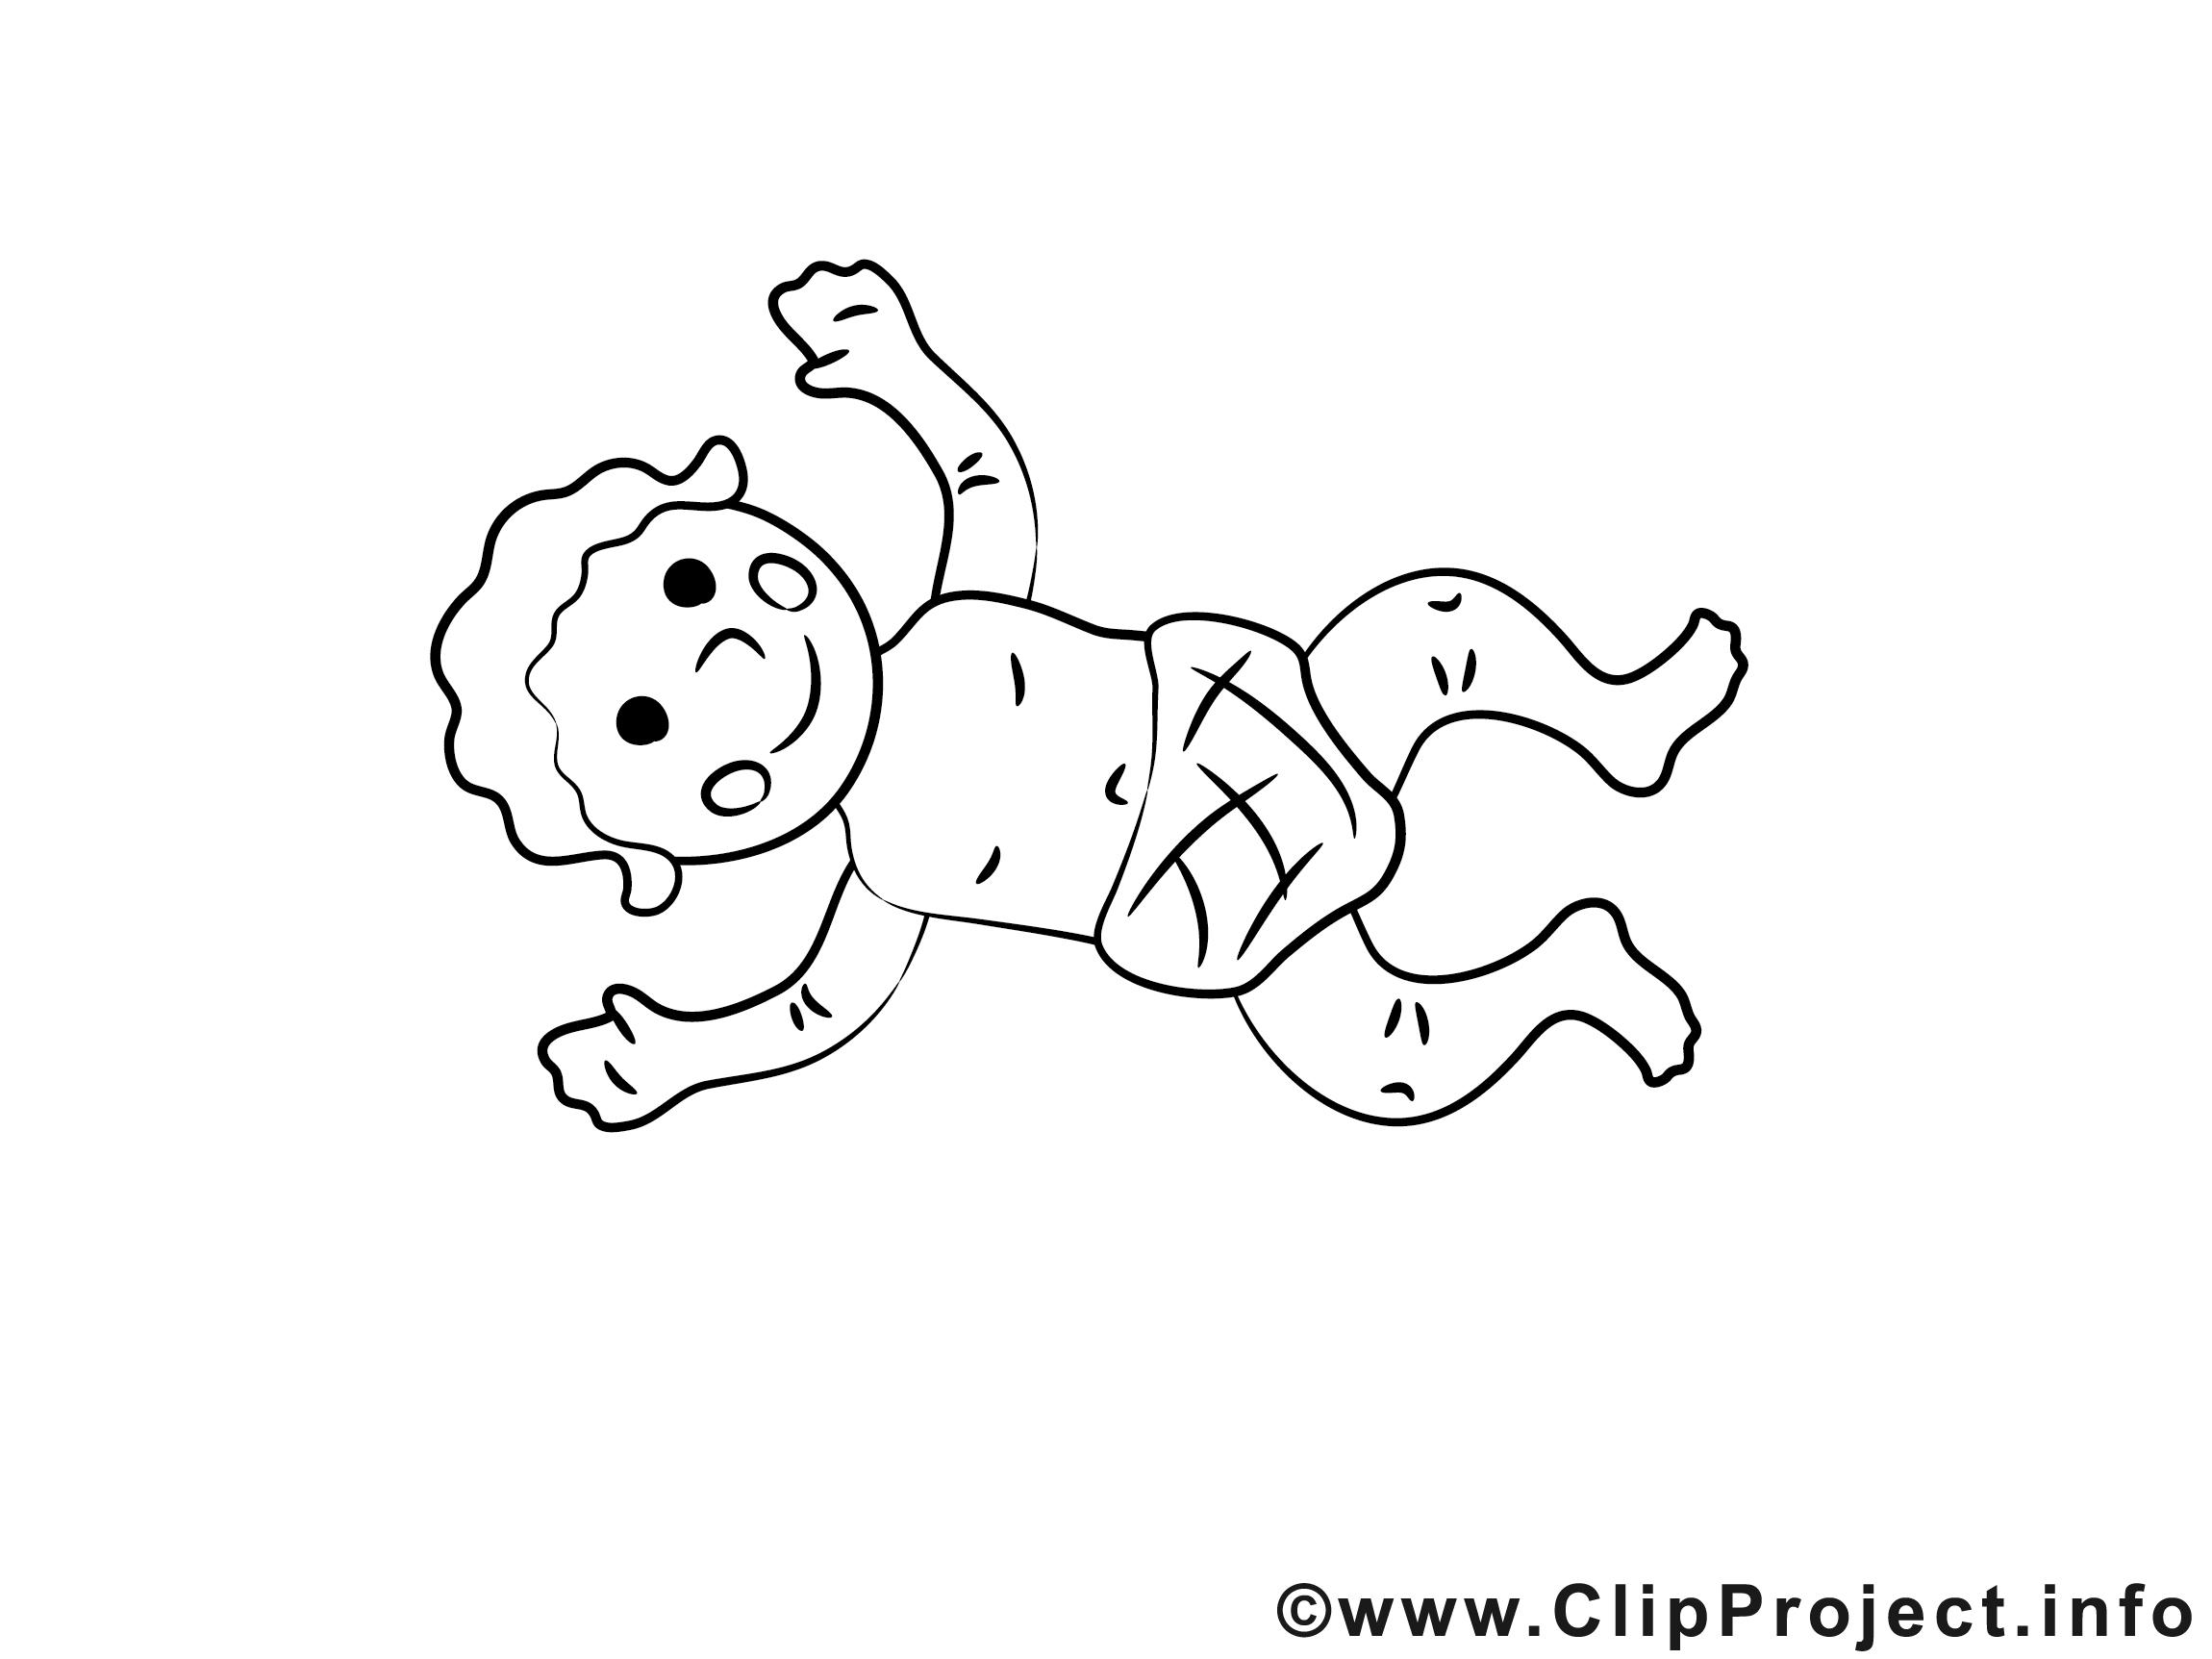 Baby mit windel clipart. Cliparts zum ausmalen